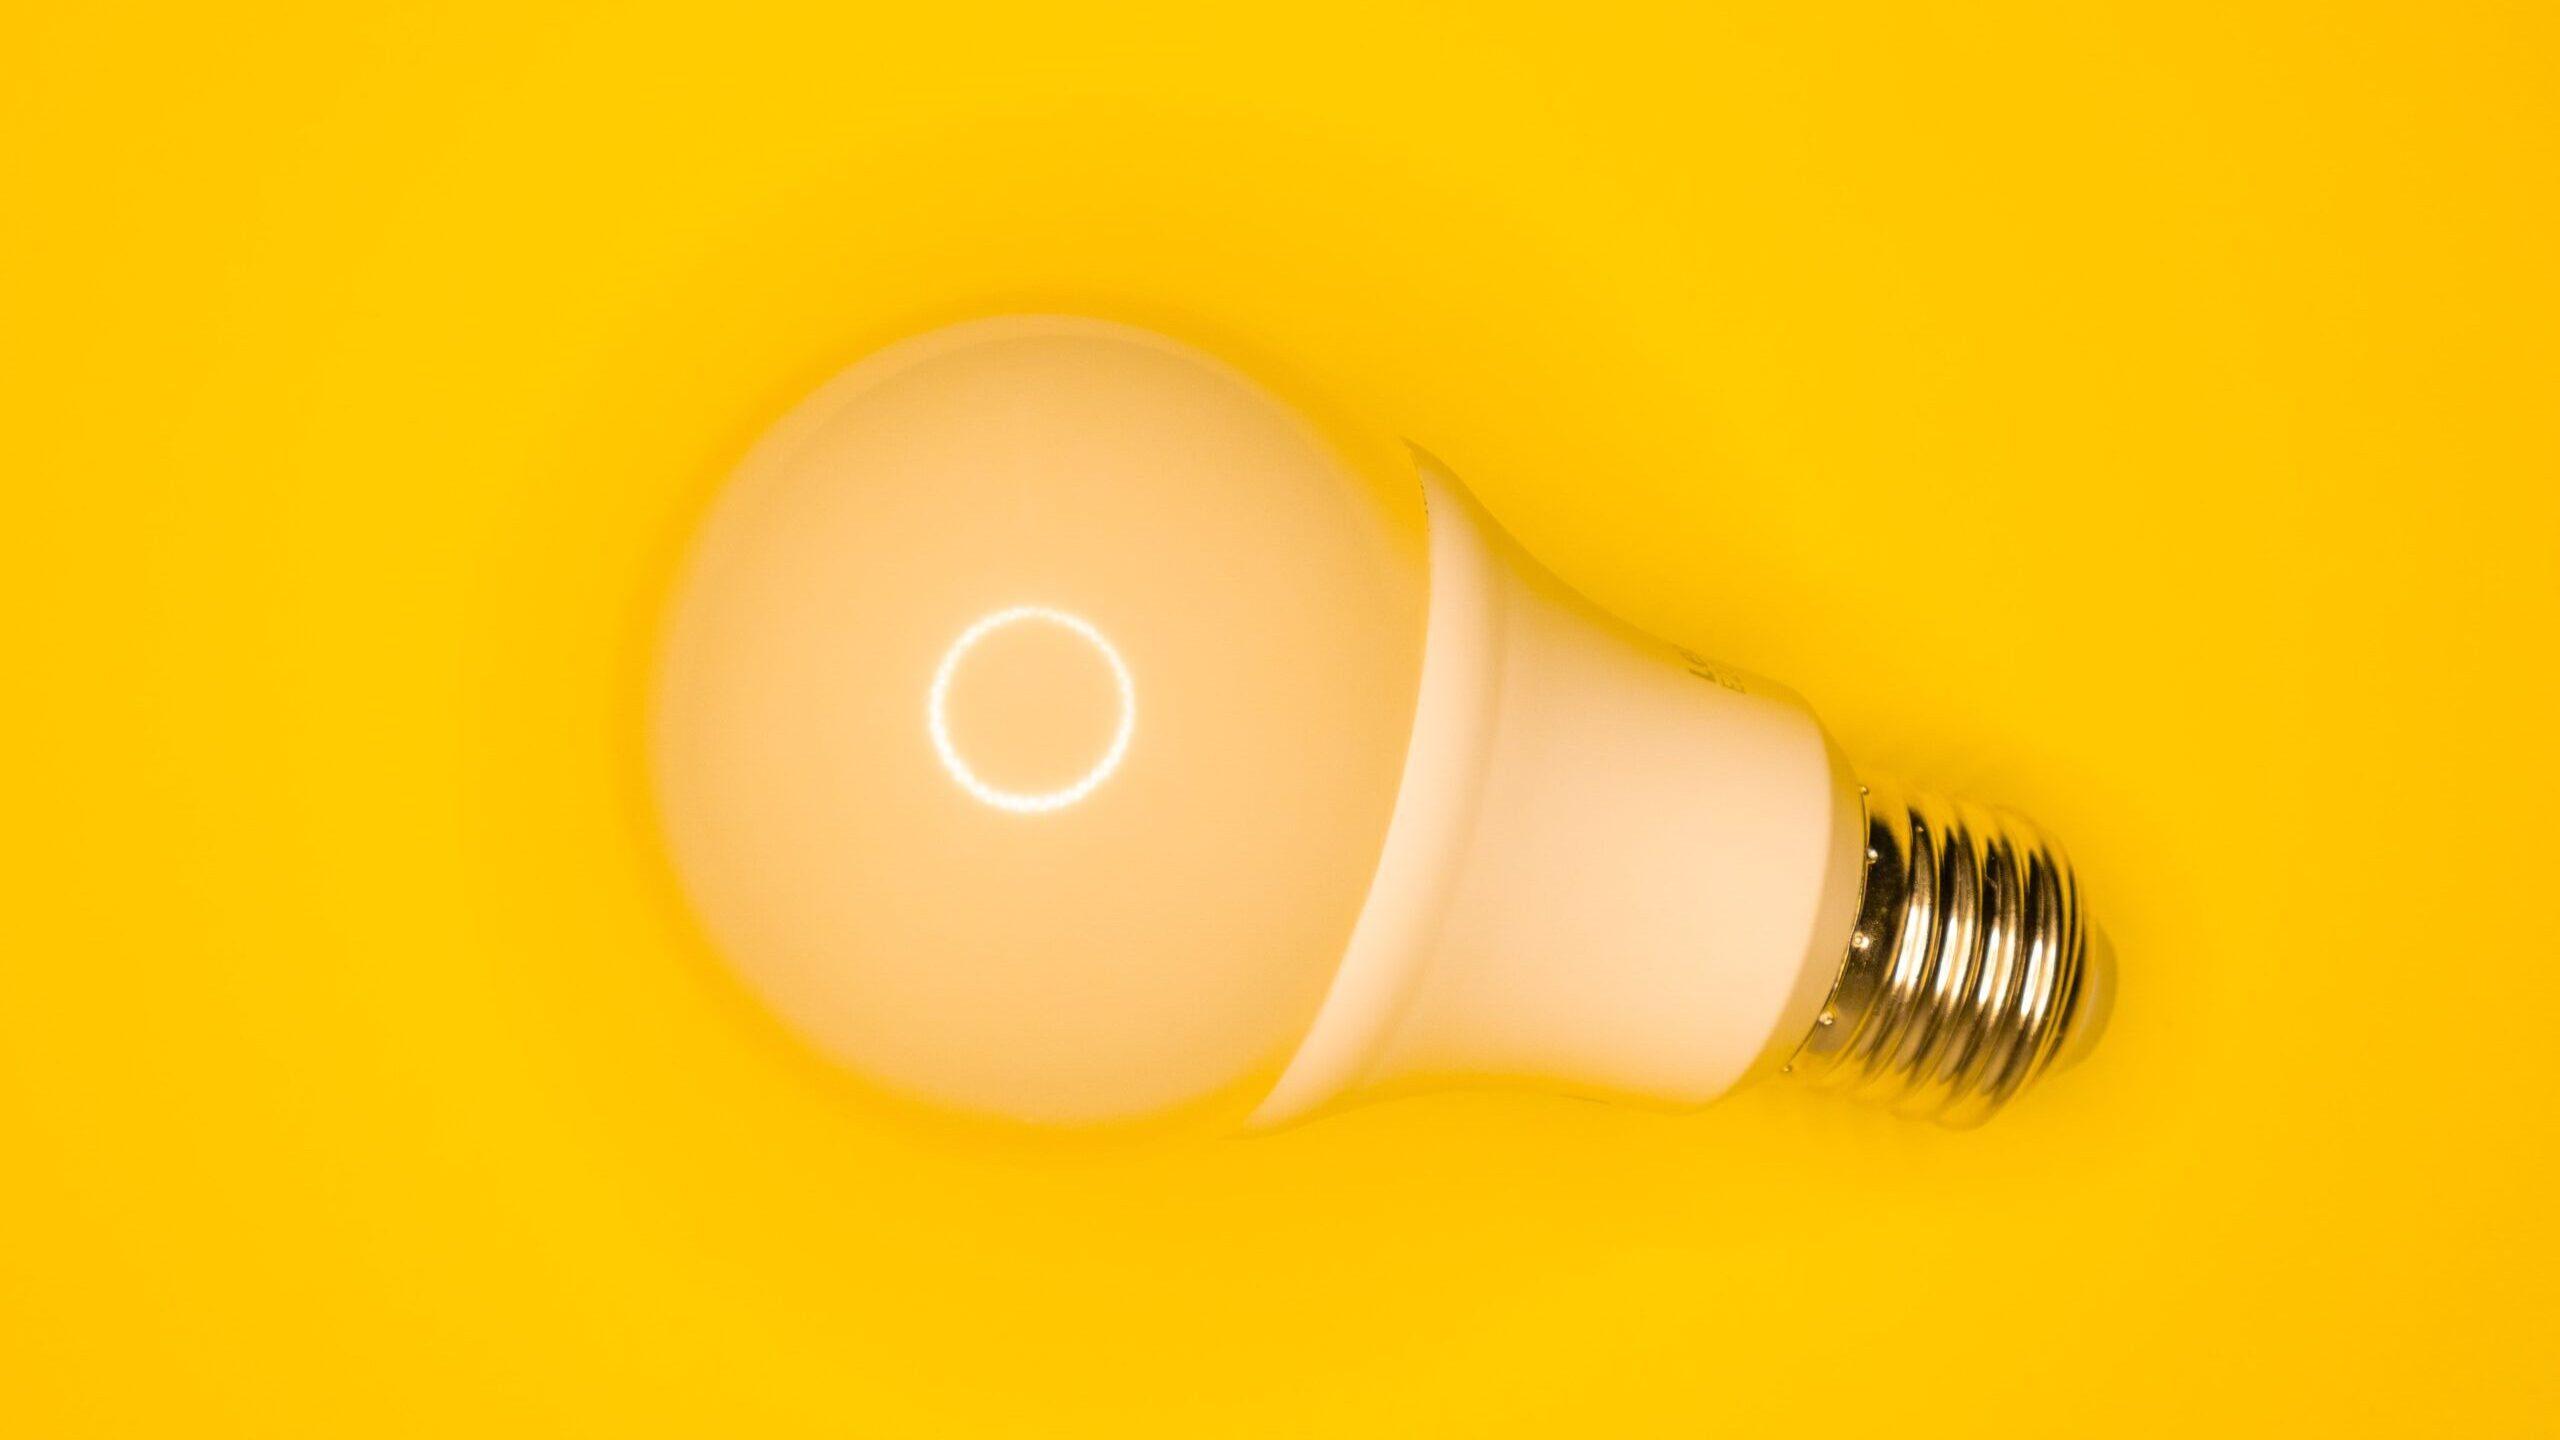 電球が空中に浮かんでいる写真